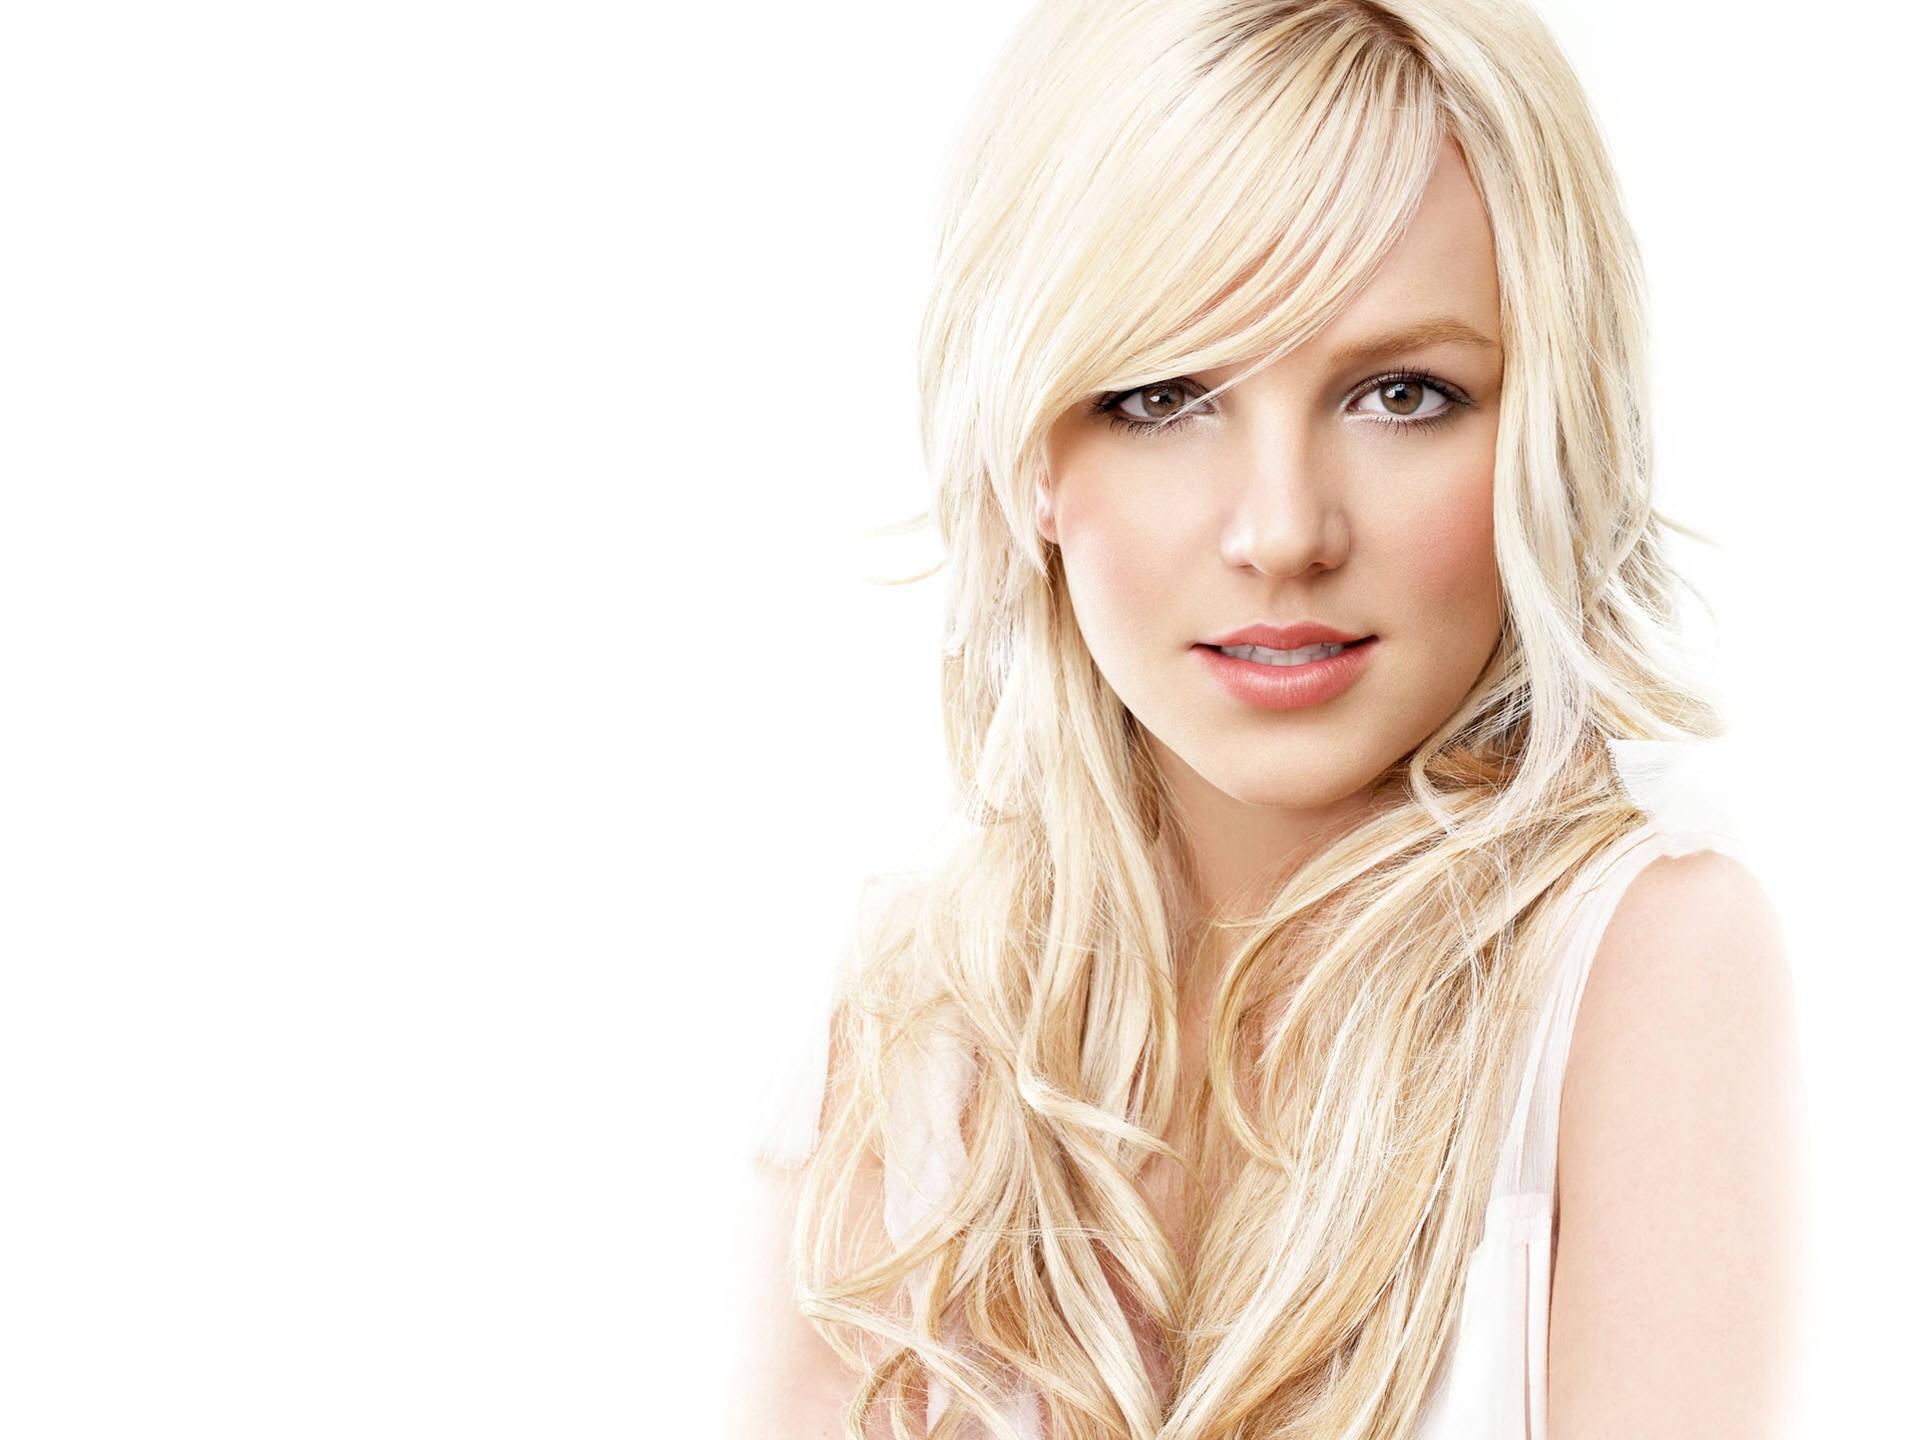 Hintergrundbilder Gesicht Frau Blond Lange Haare Berühmtheit